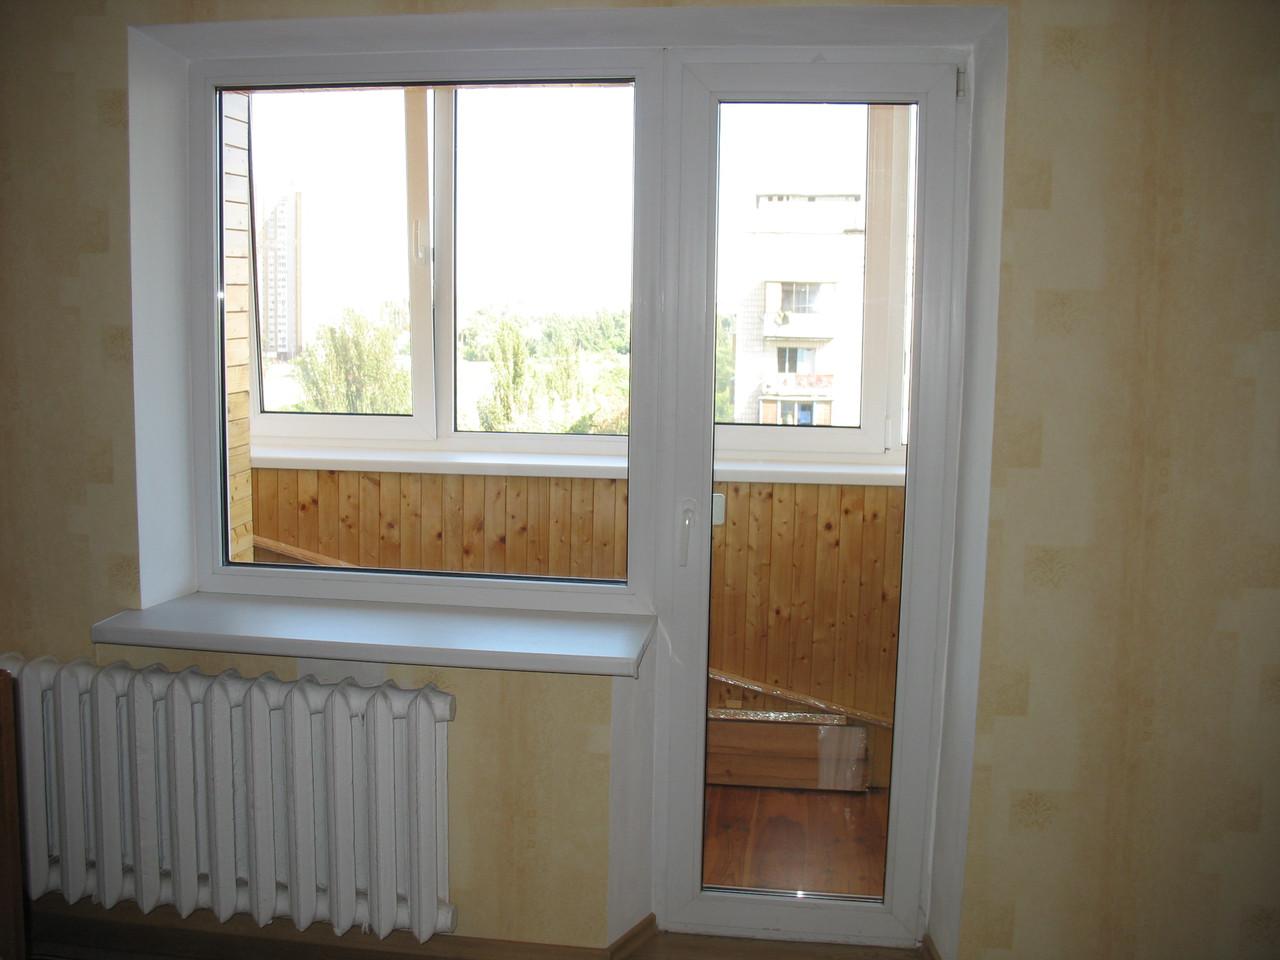 Балконная металлопластиковая дверь. Профиль КВЕ, 6-х камерный, 70 мм. (Оптима).